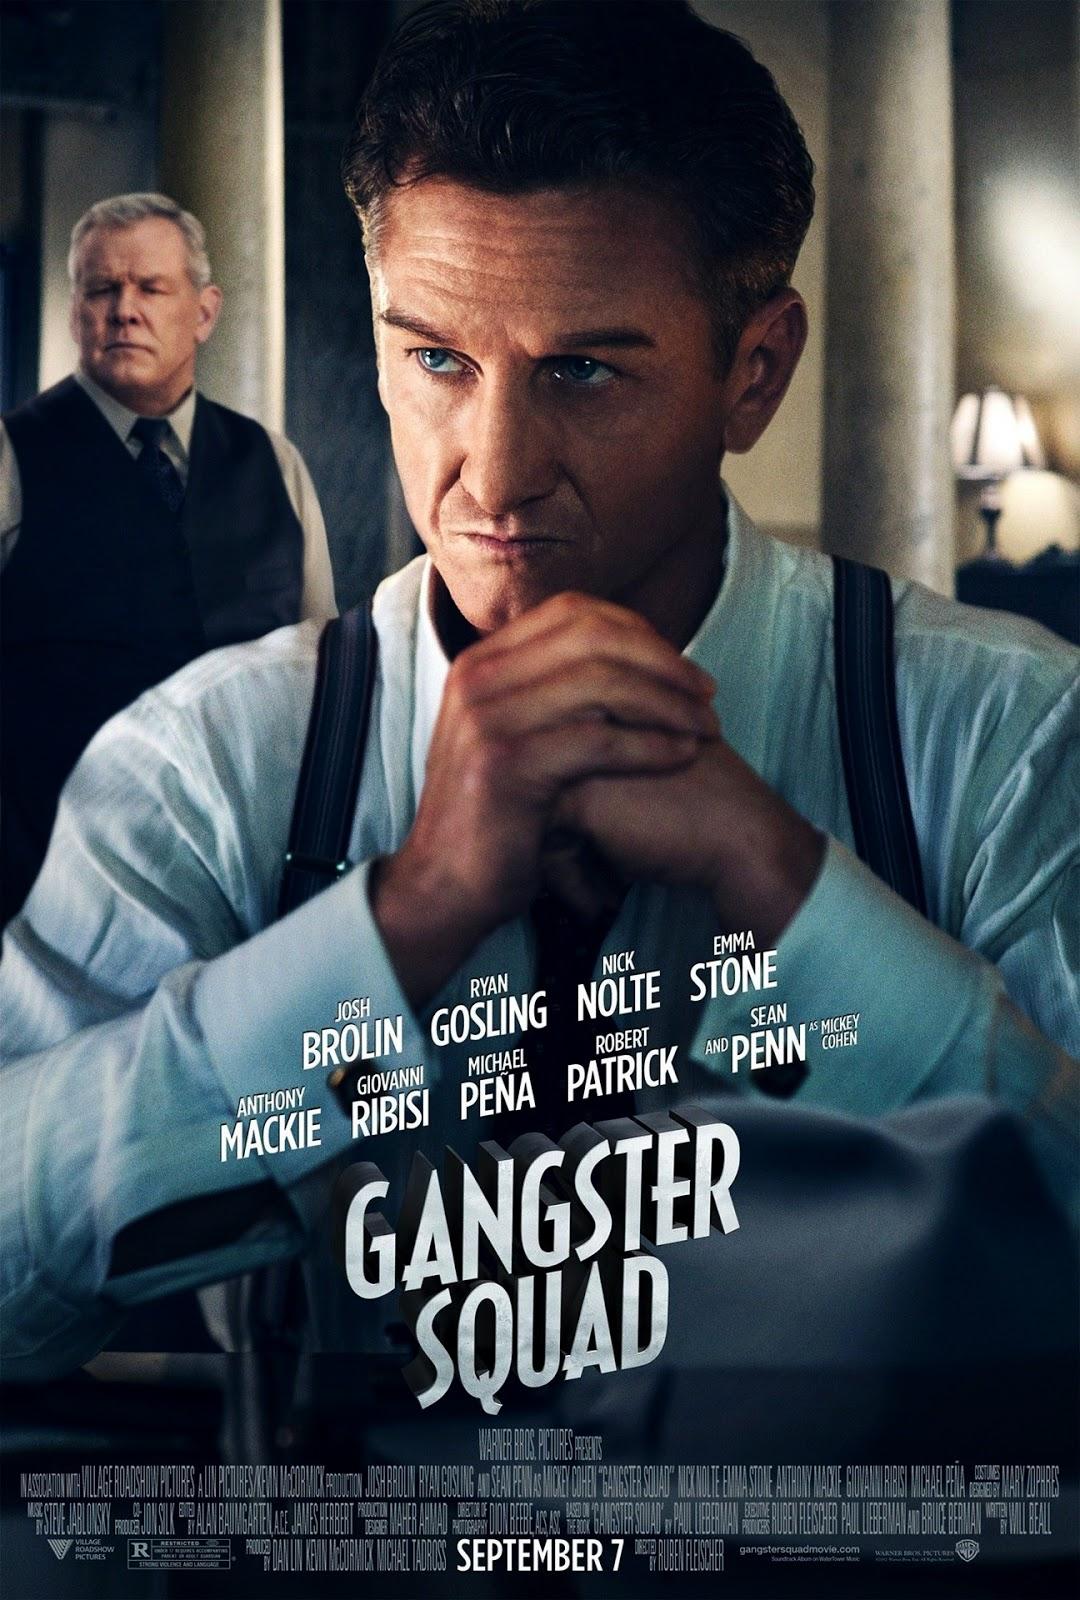 http://3.bp.blogspot.com/-VJmZdaF9CFk/UNxKZpc9POI/AAAAAAAAGyw/XtGmlI2-Z3A/s1600/Gangster-Squad-Sean-Penn-Poster_Vvallpaper.Net.jpg